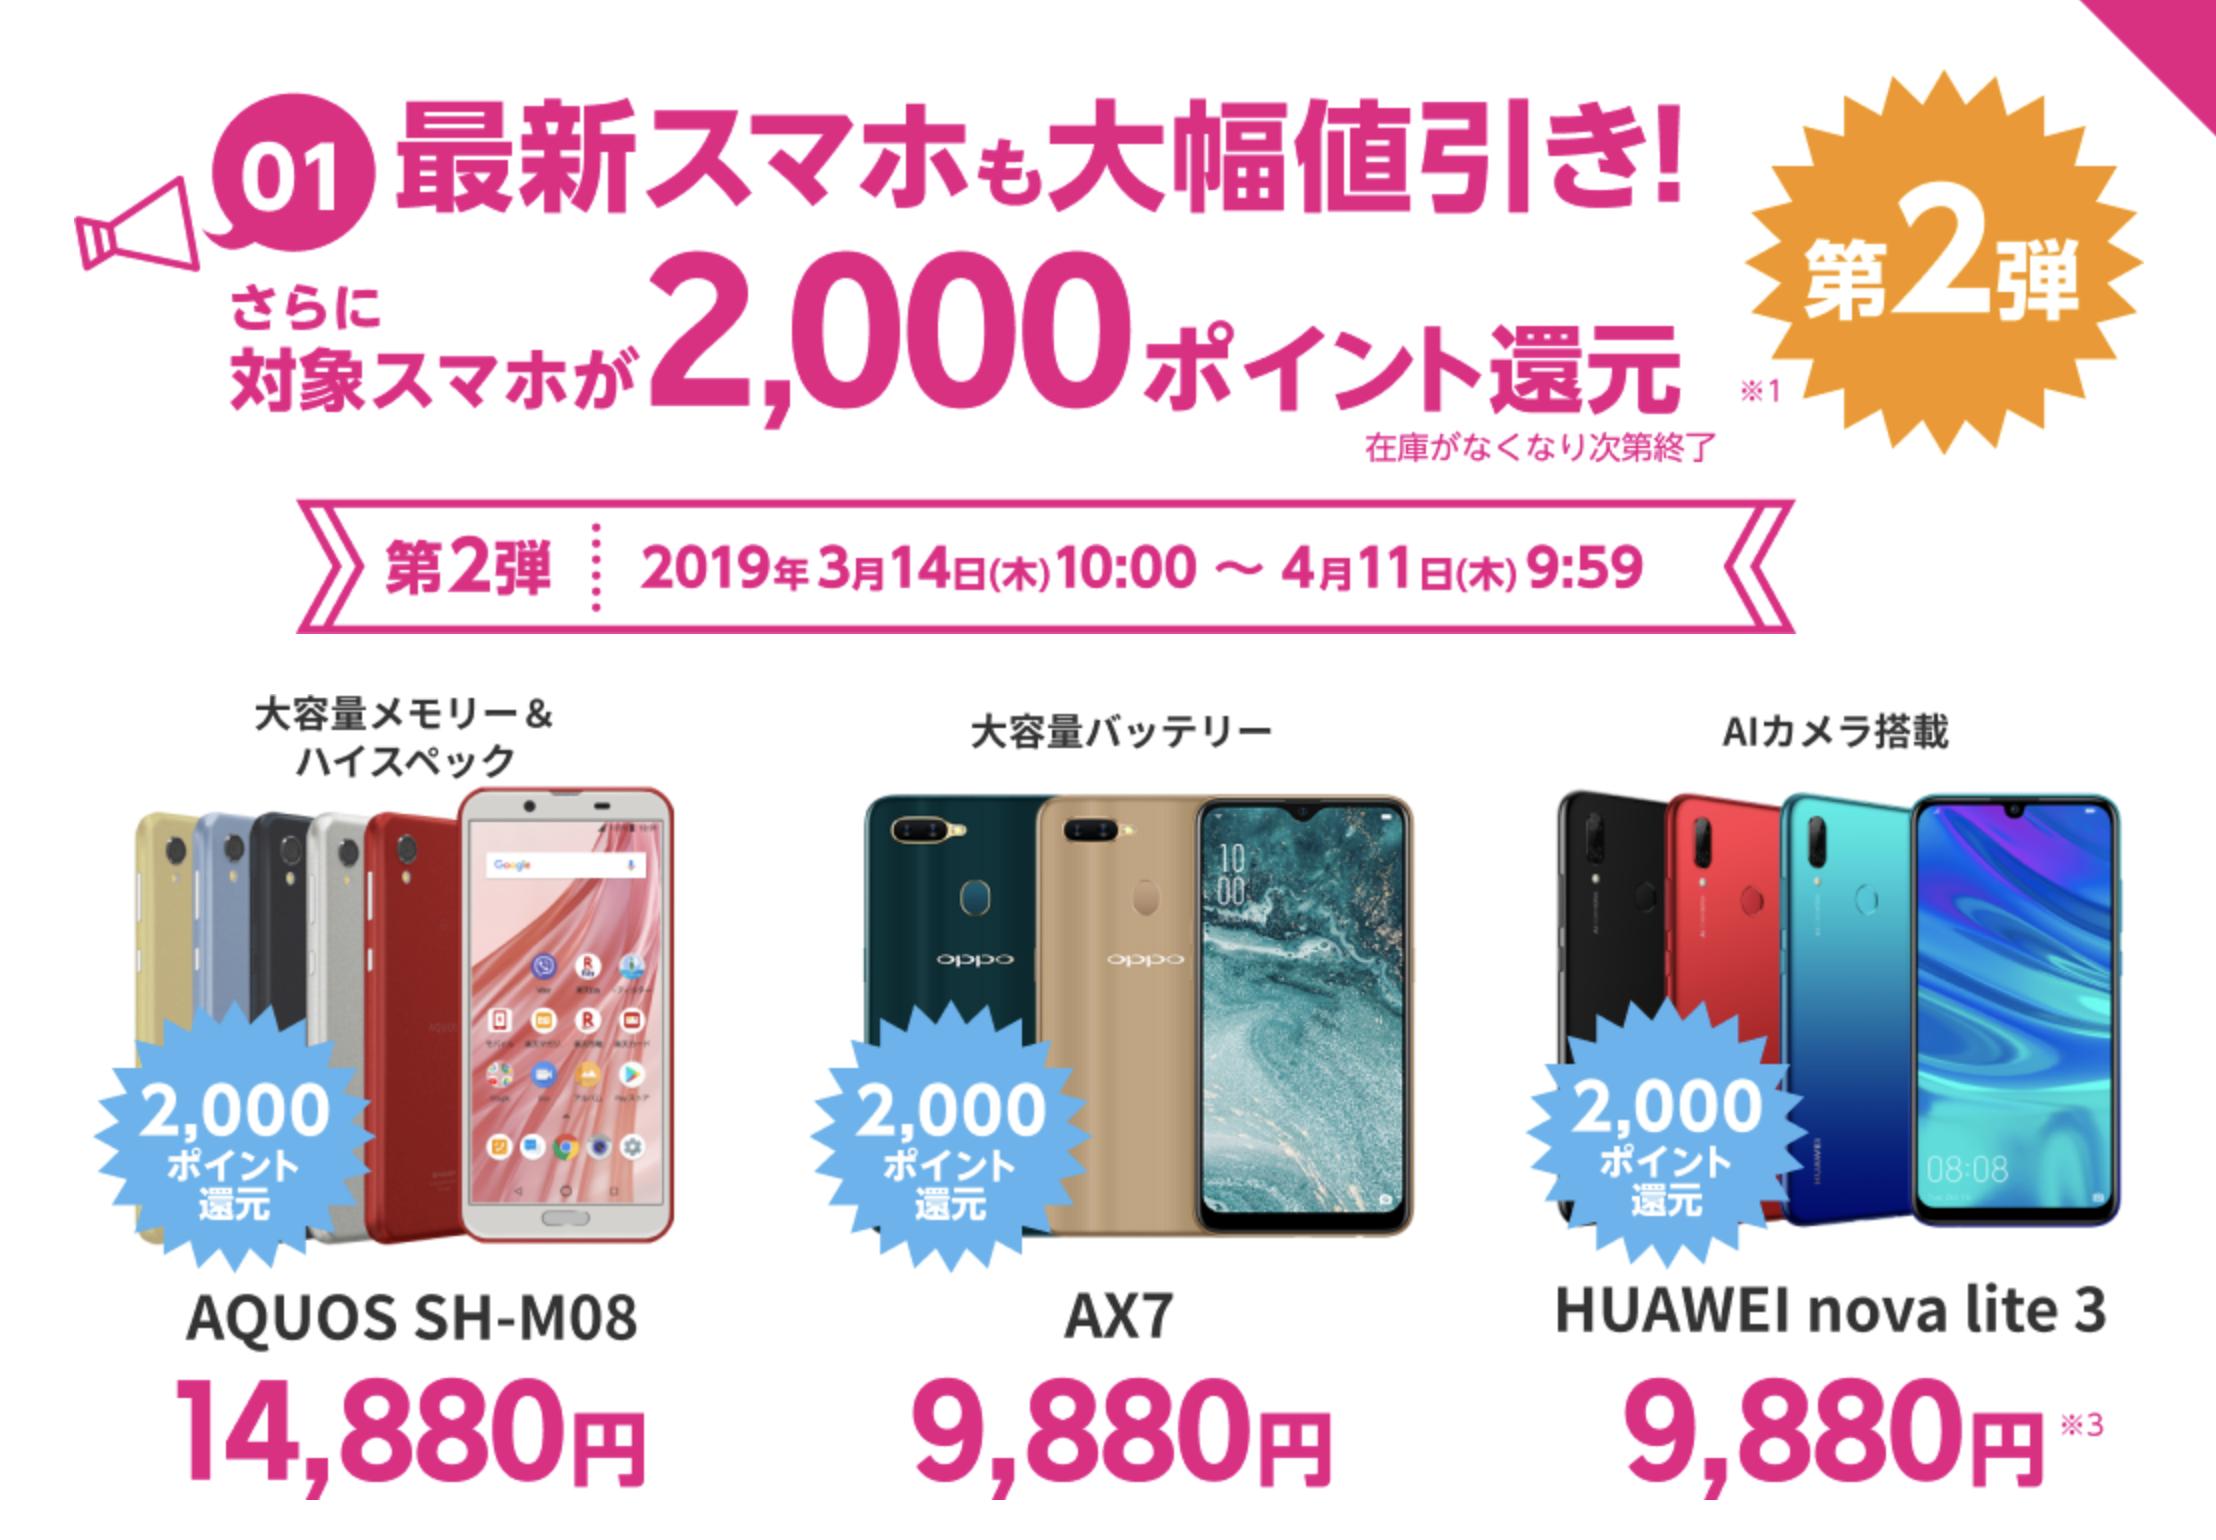 楽天モバイル 2019年春のキャンペーン